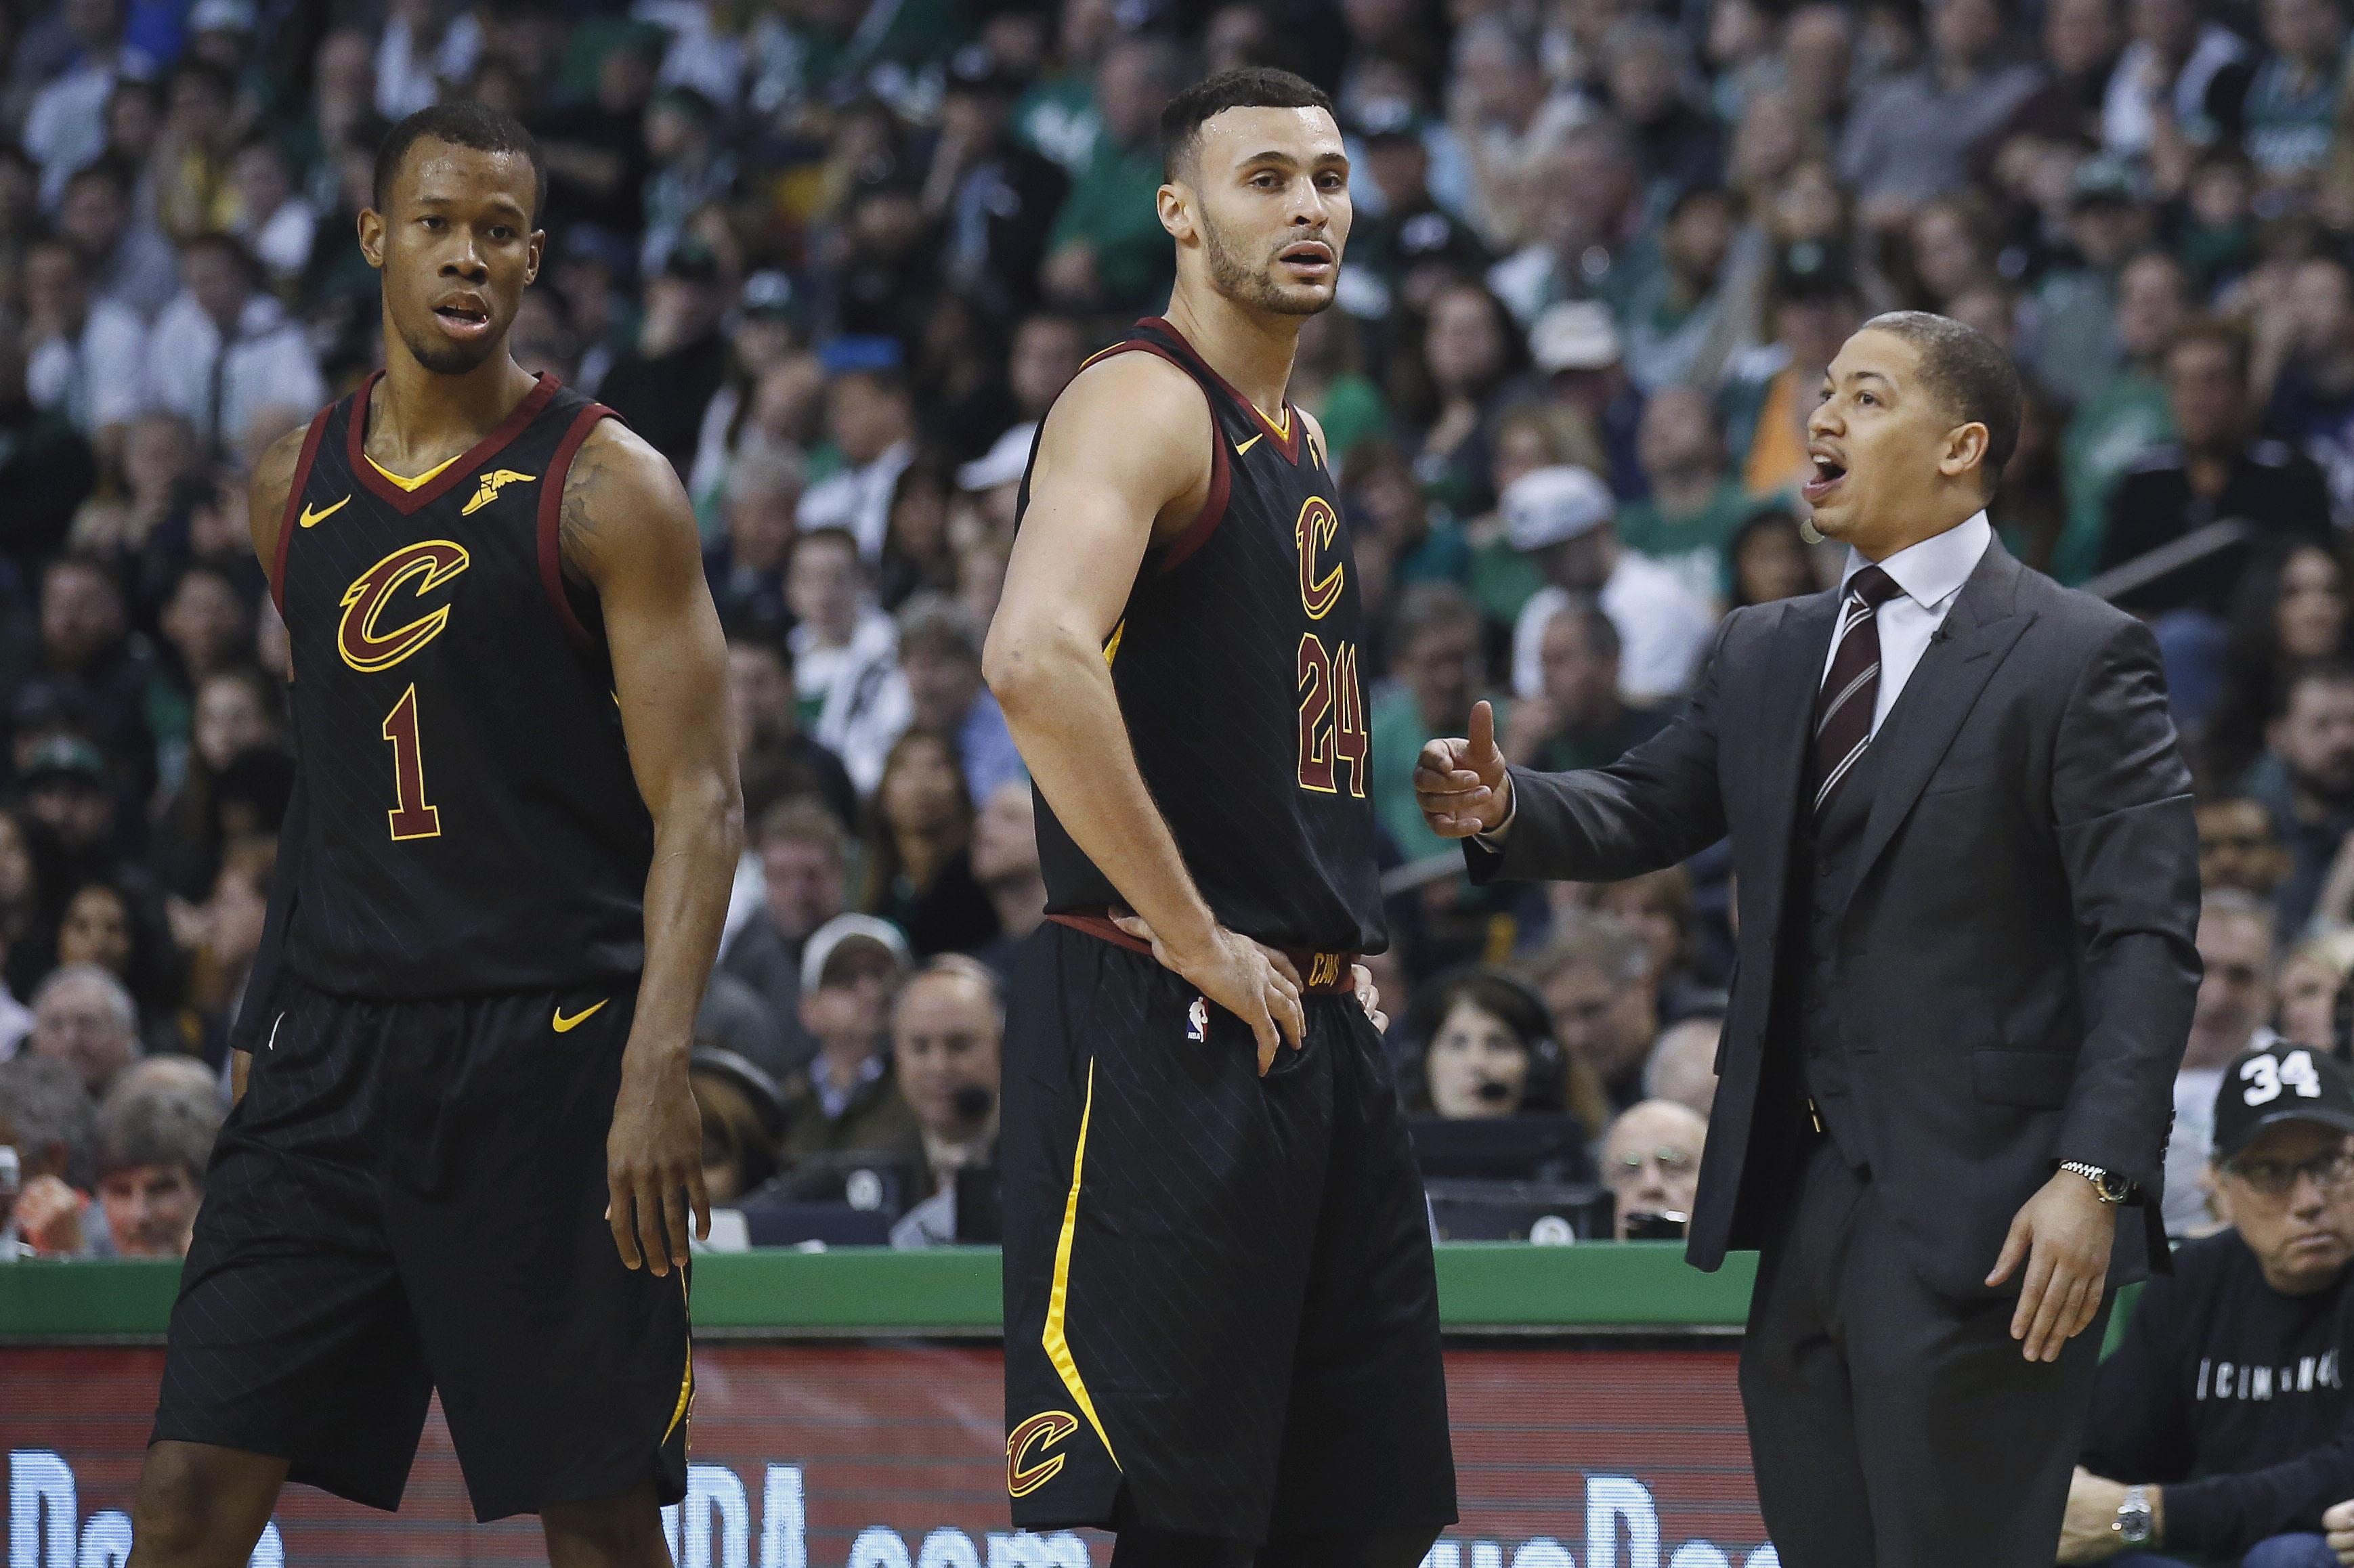 Kết quả NBA 14/02: OKC thắng trận thứ hai sau khi thay đổi nhân sự